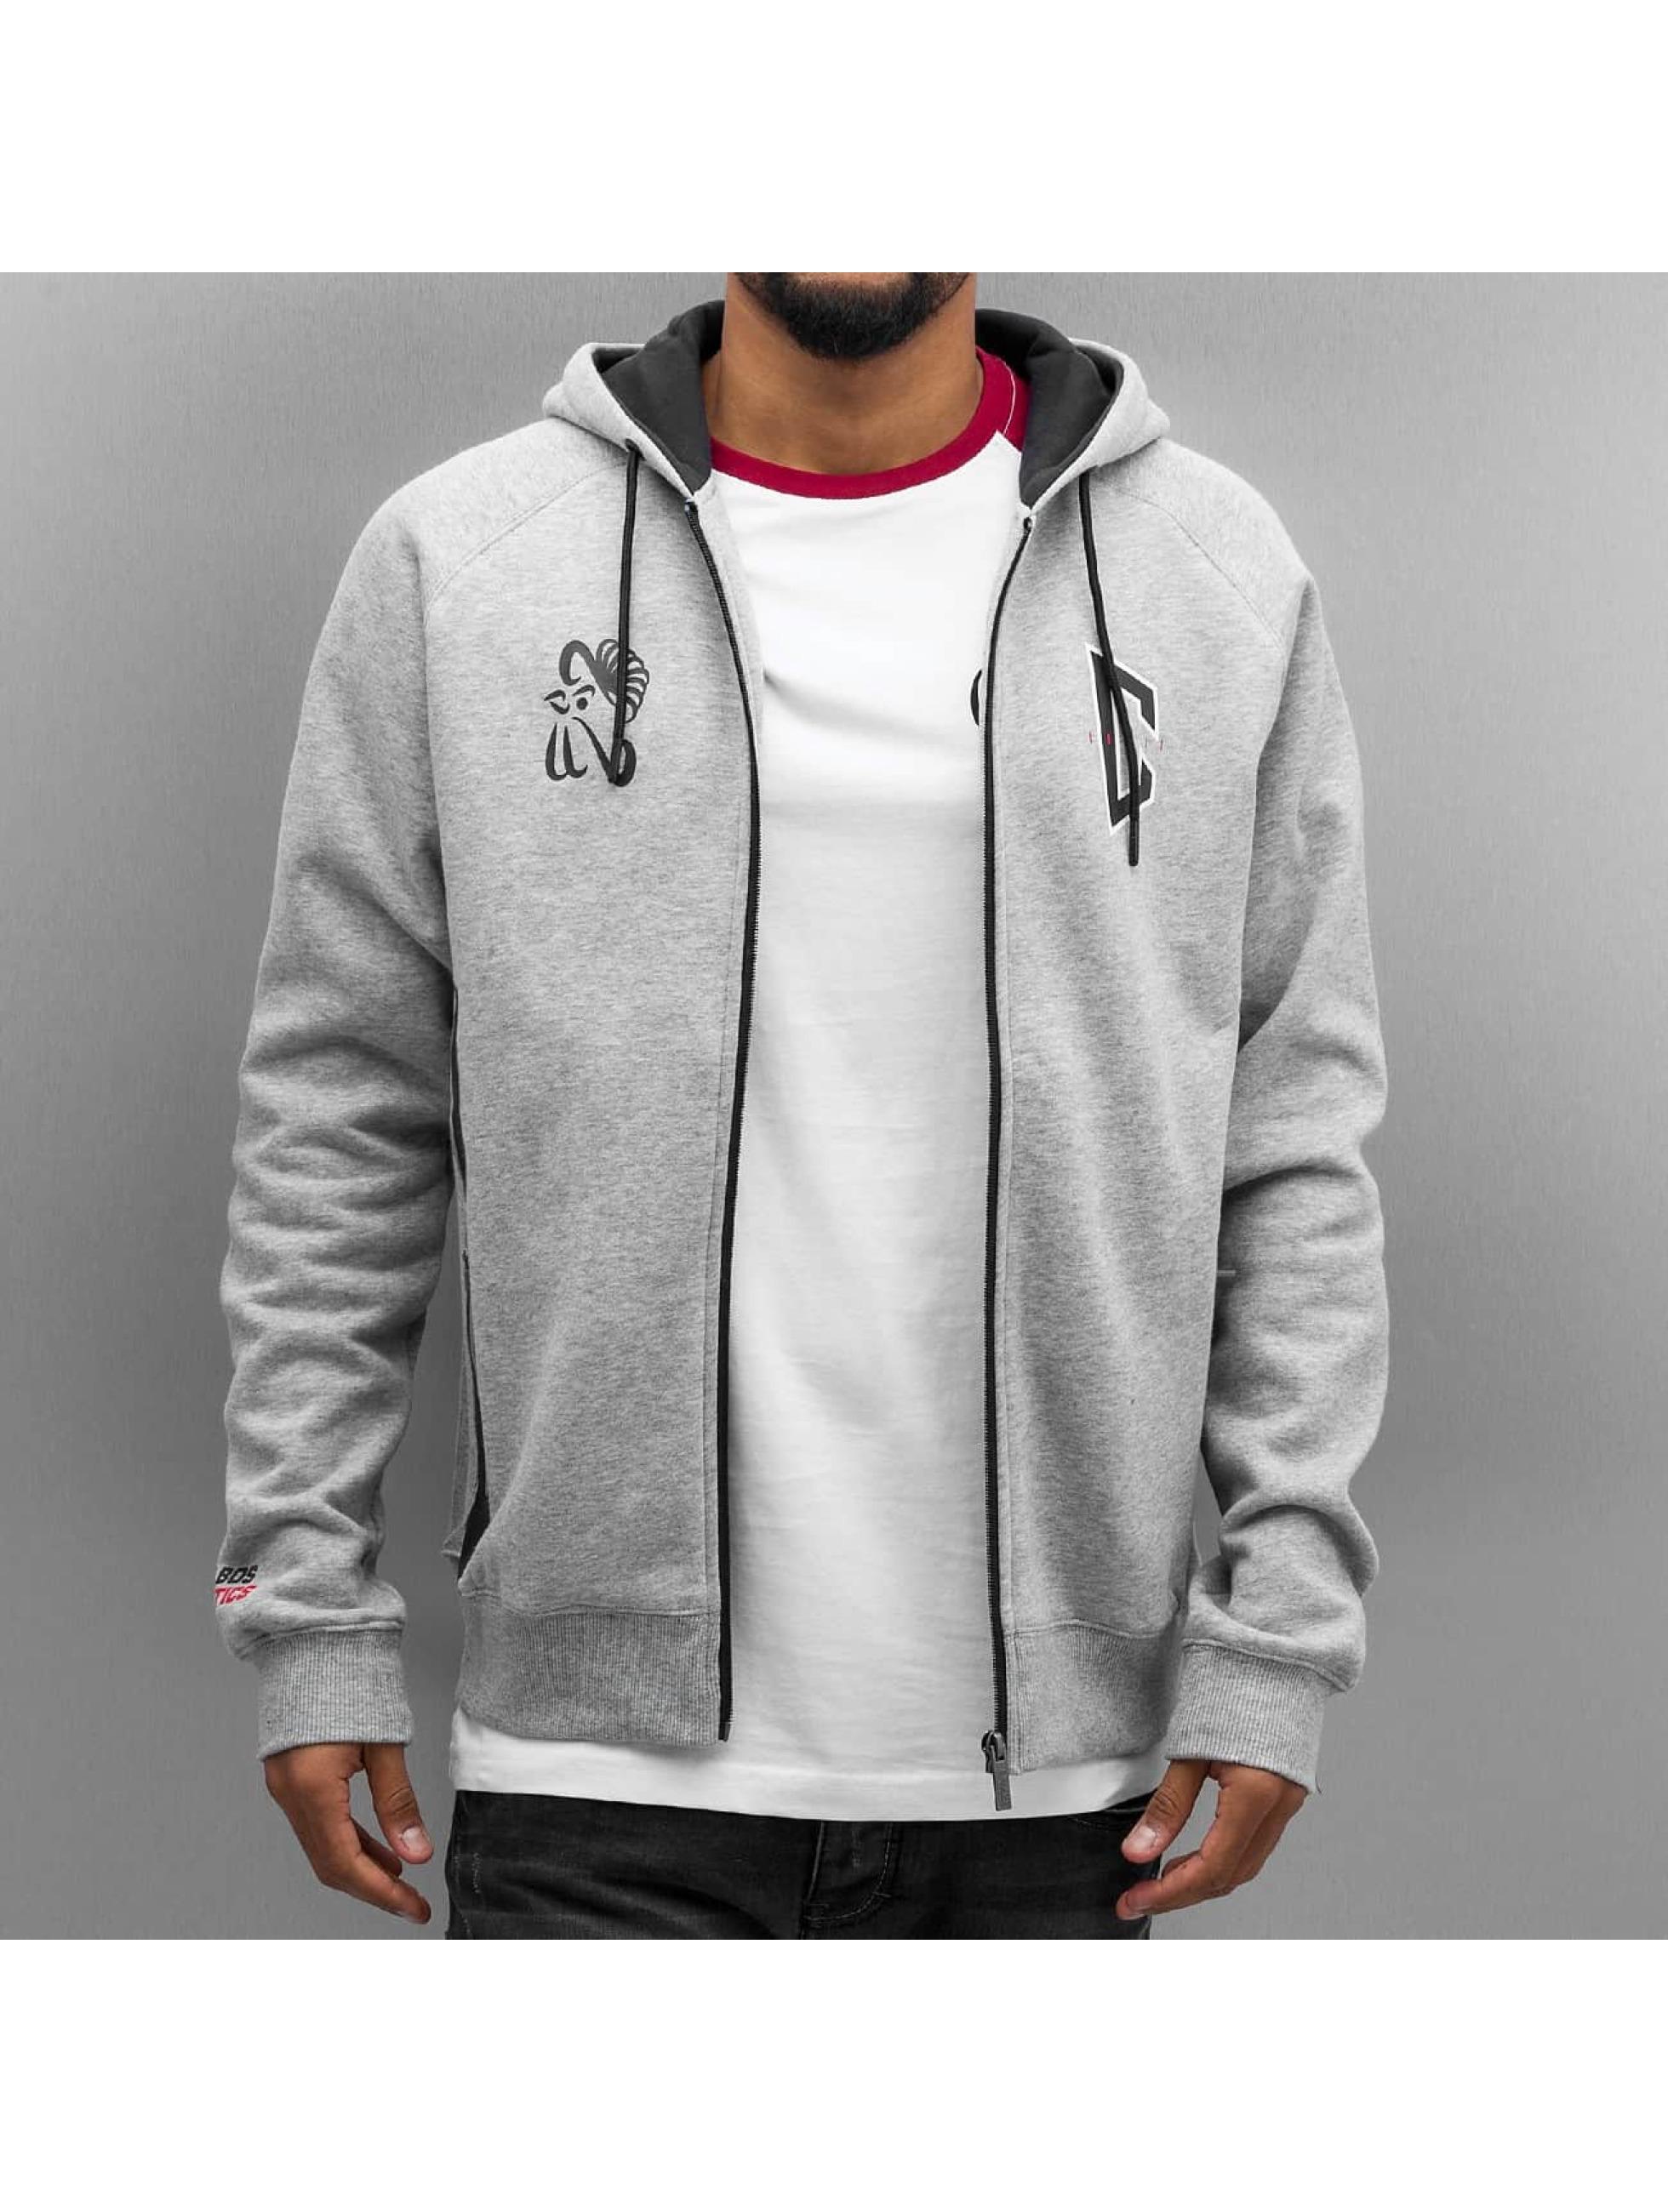 CHABOS IIVII Zip Hoodie Zipper gray